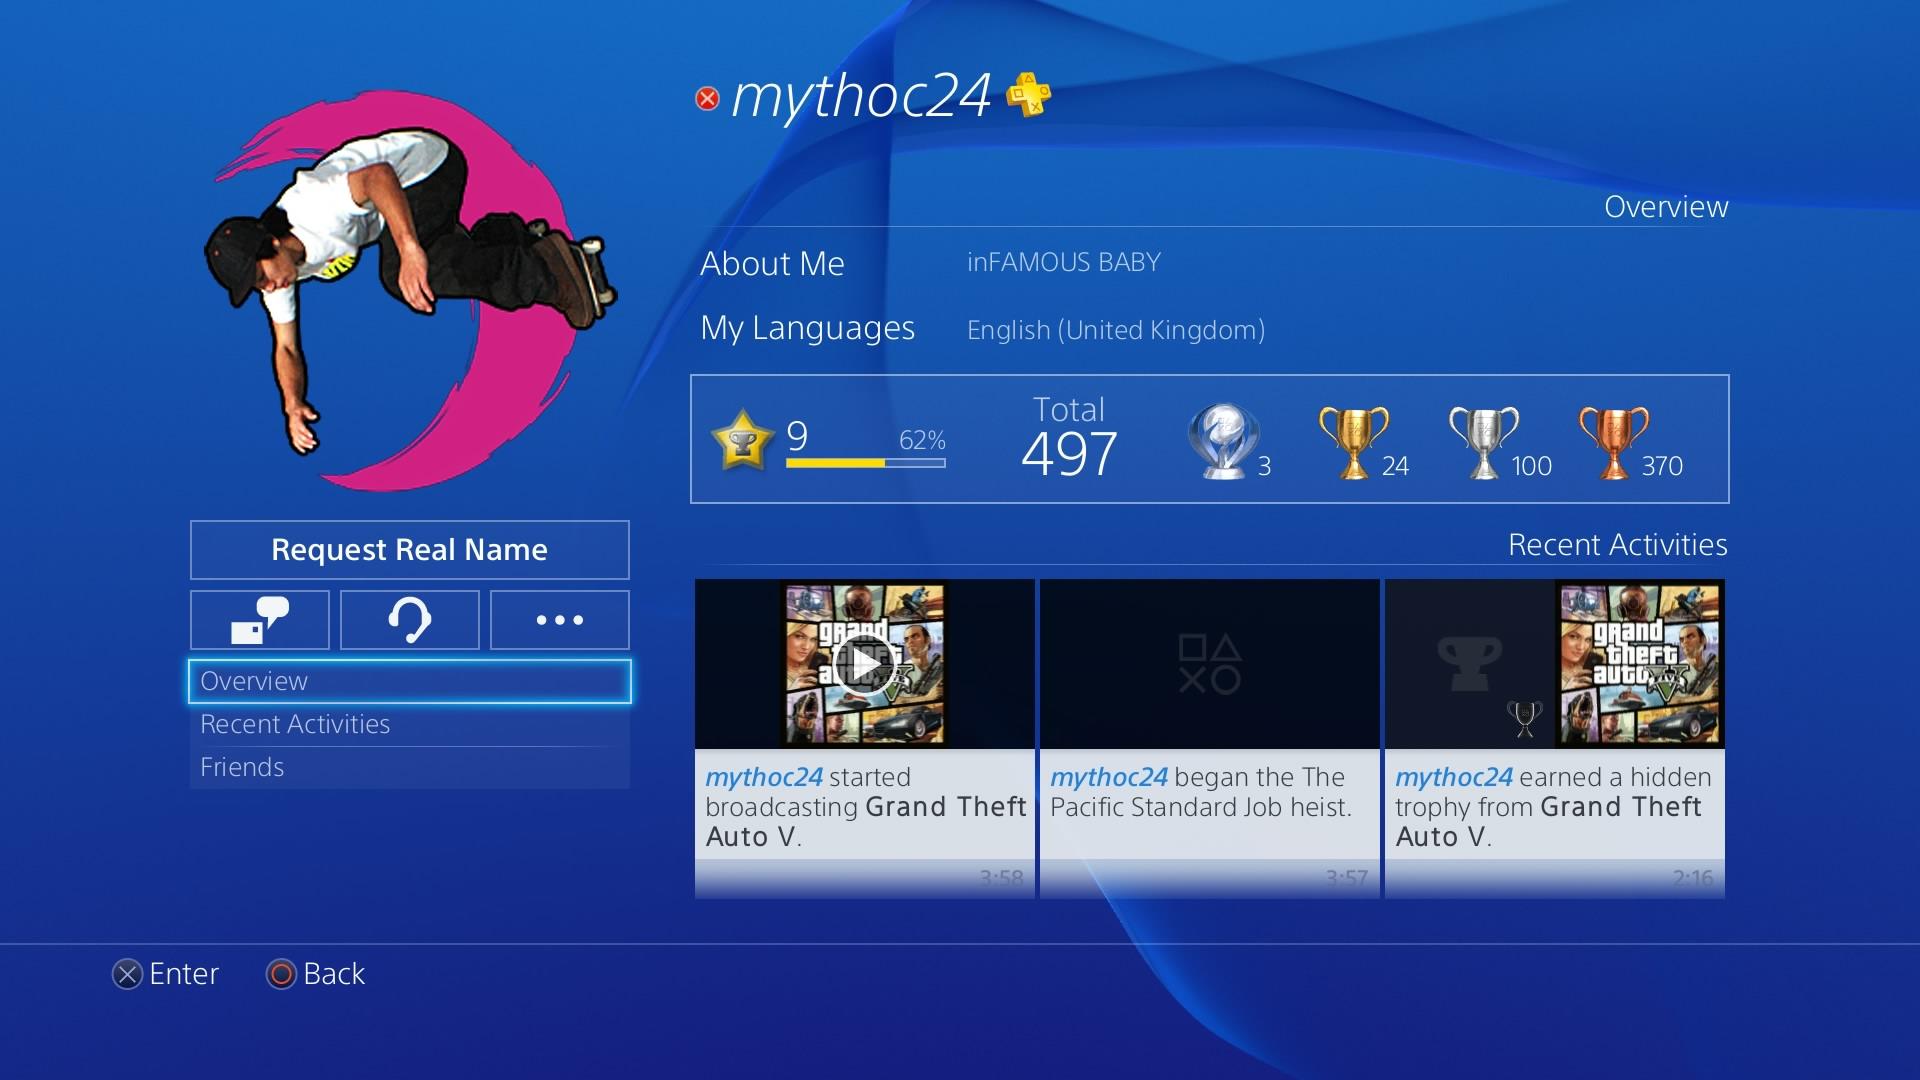 mythoc24.jpg